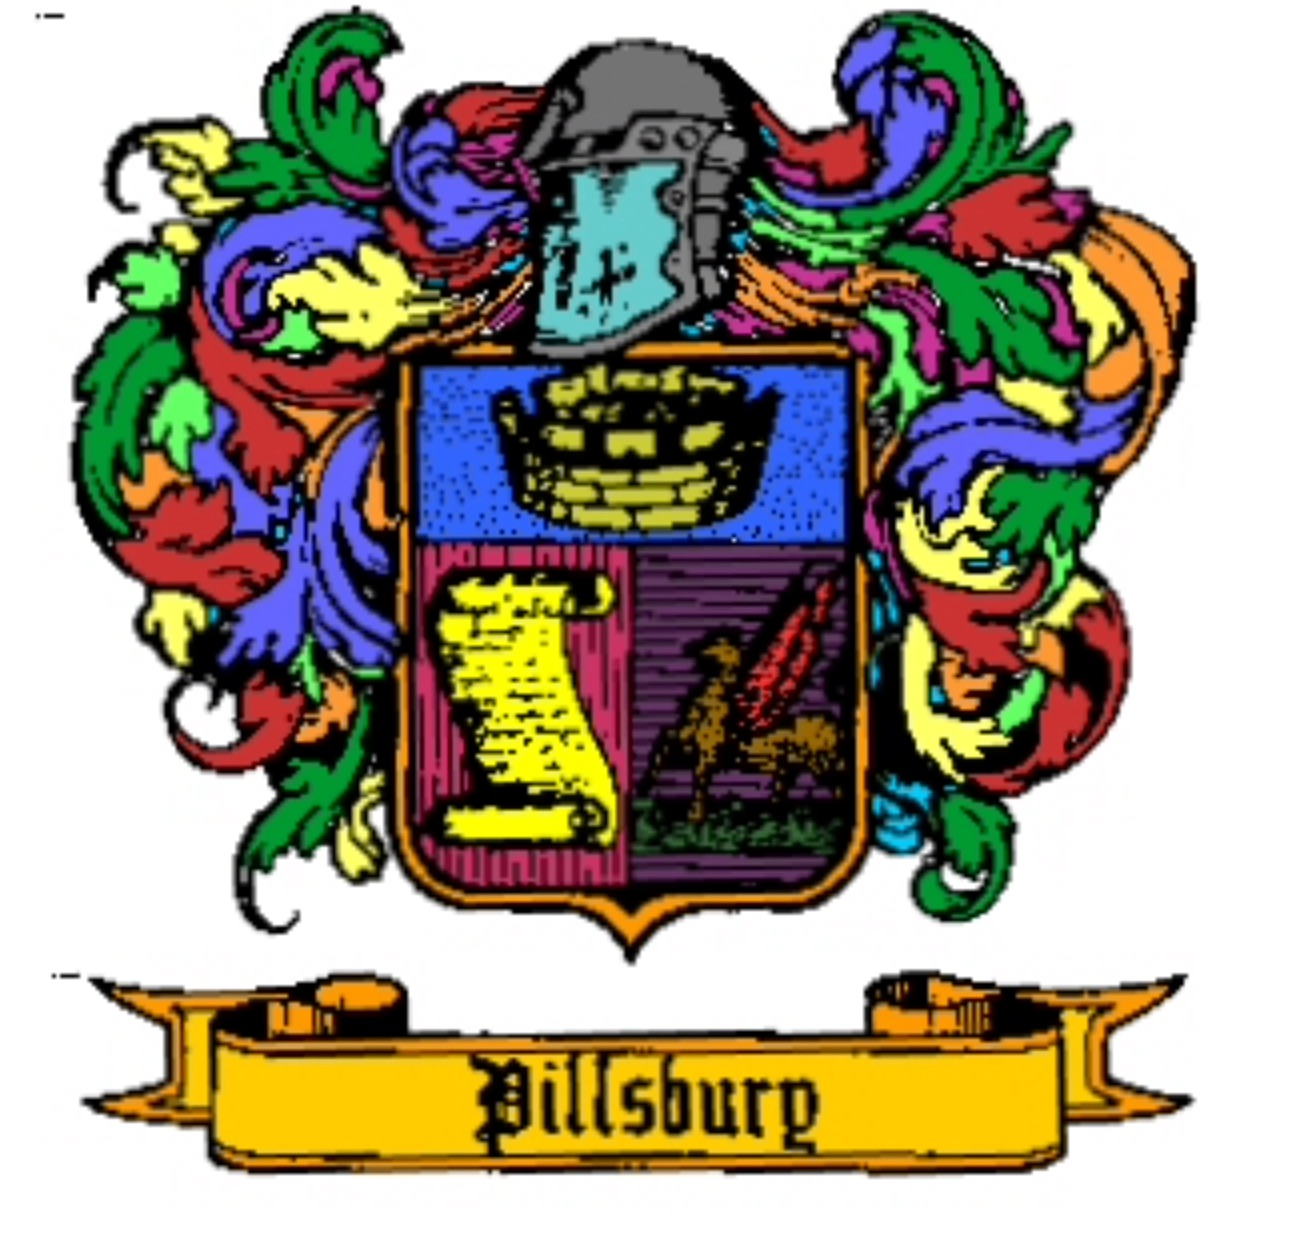 John Pillsbury